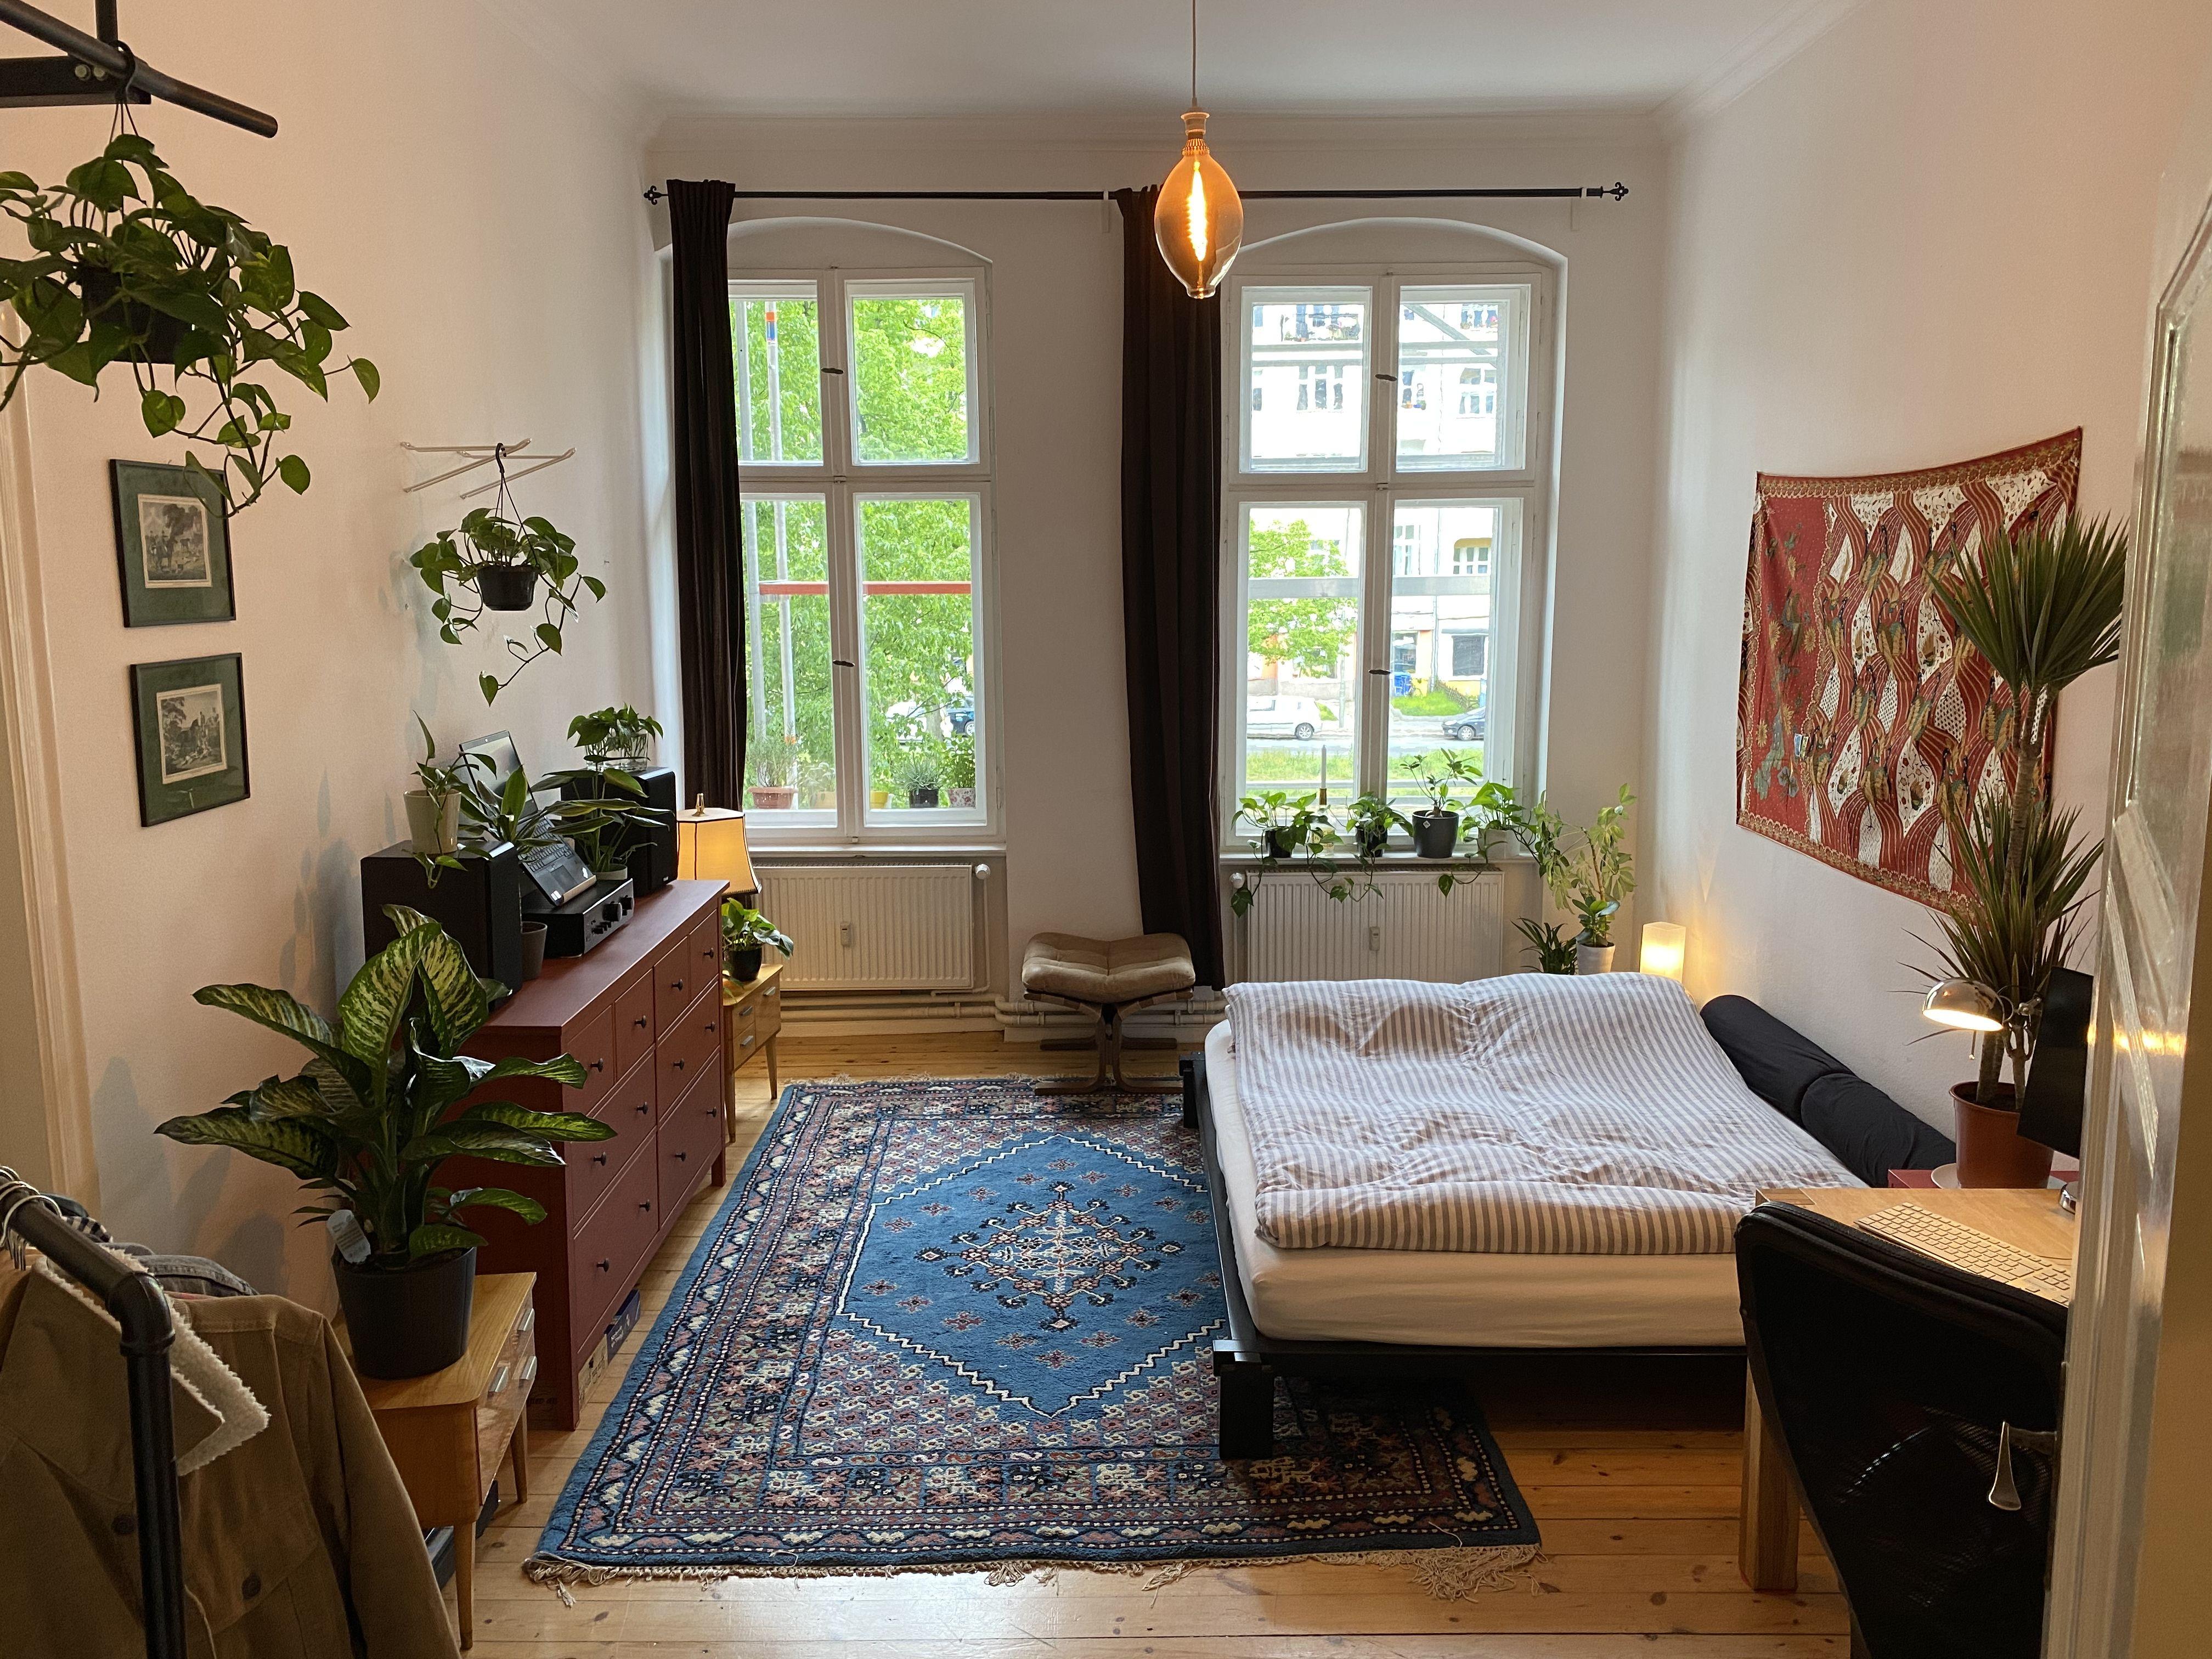 Berliner Altbau Wg Zimmer In 2020 Wg Zimmer Wohnung Zimmer Einrichten